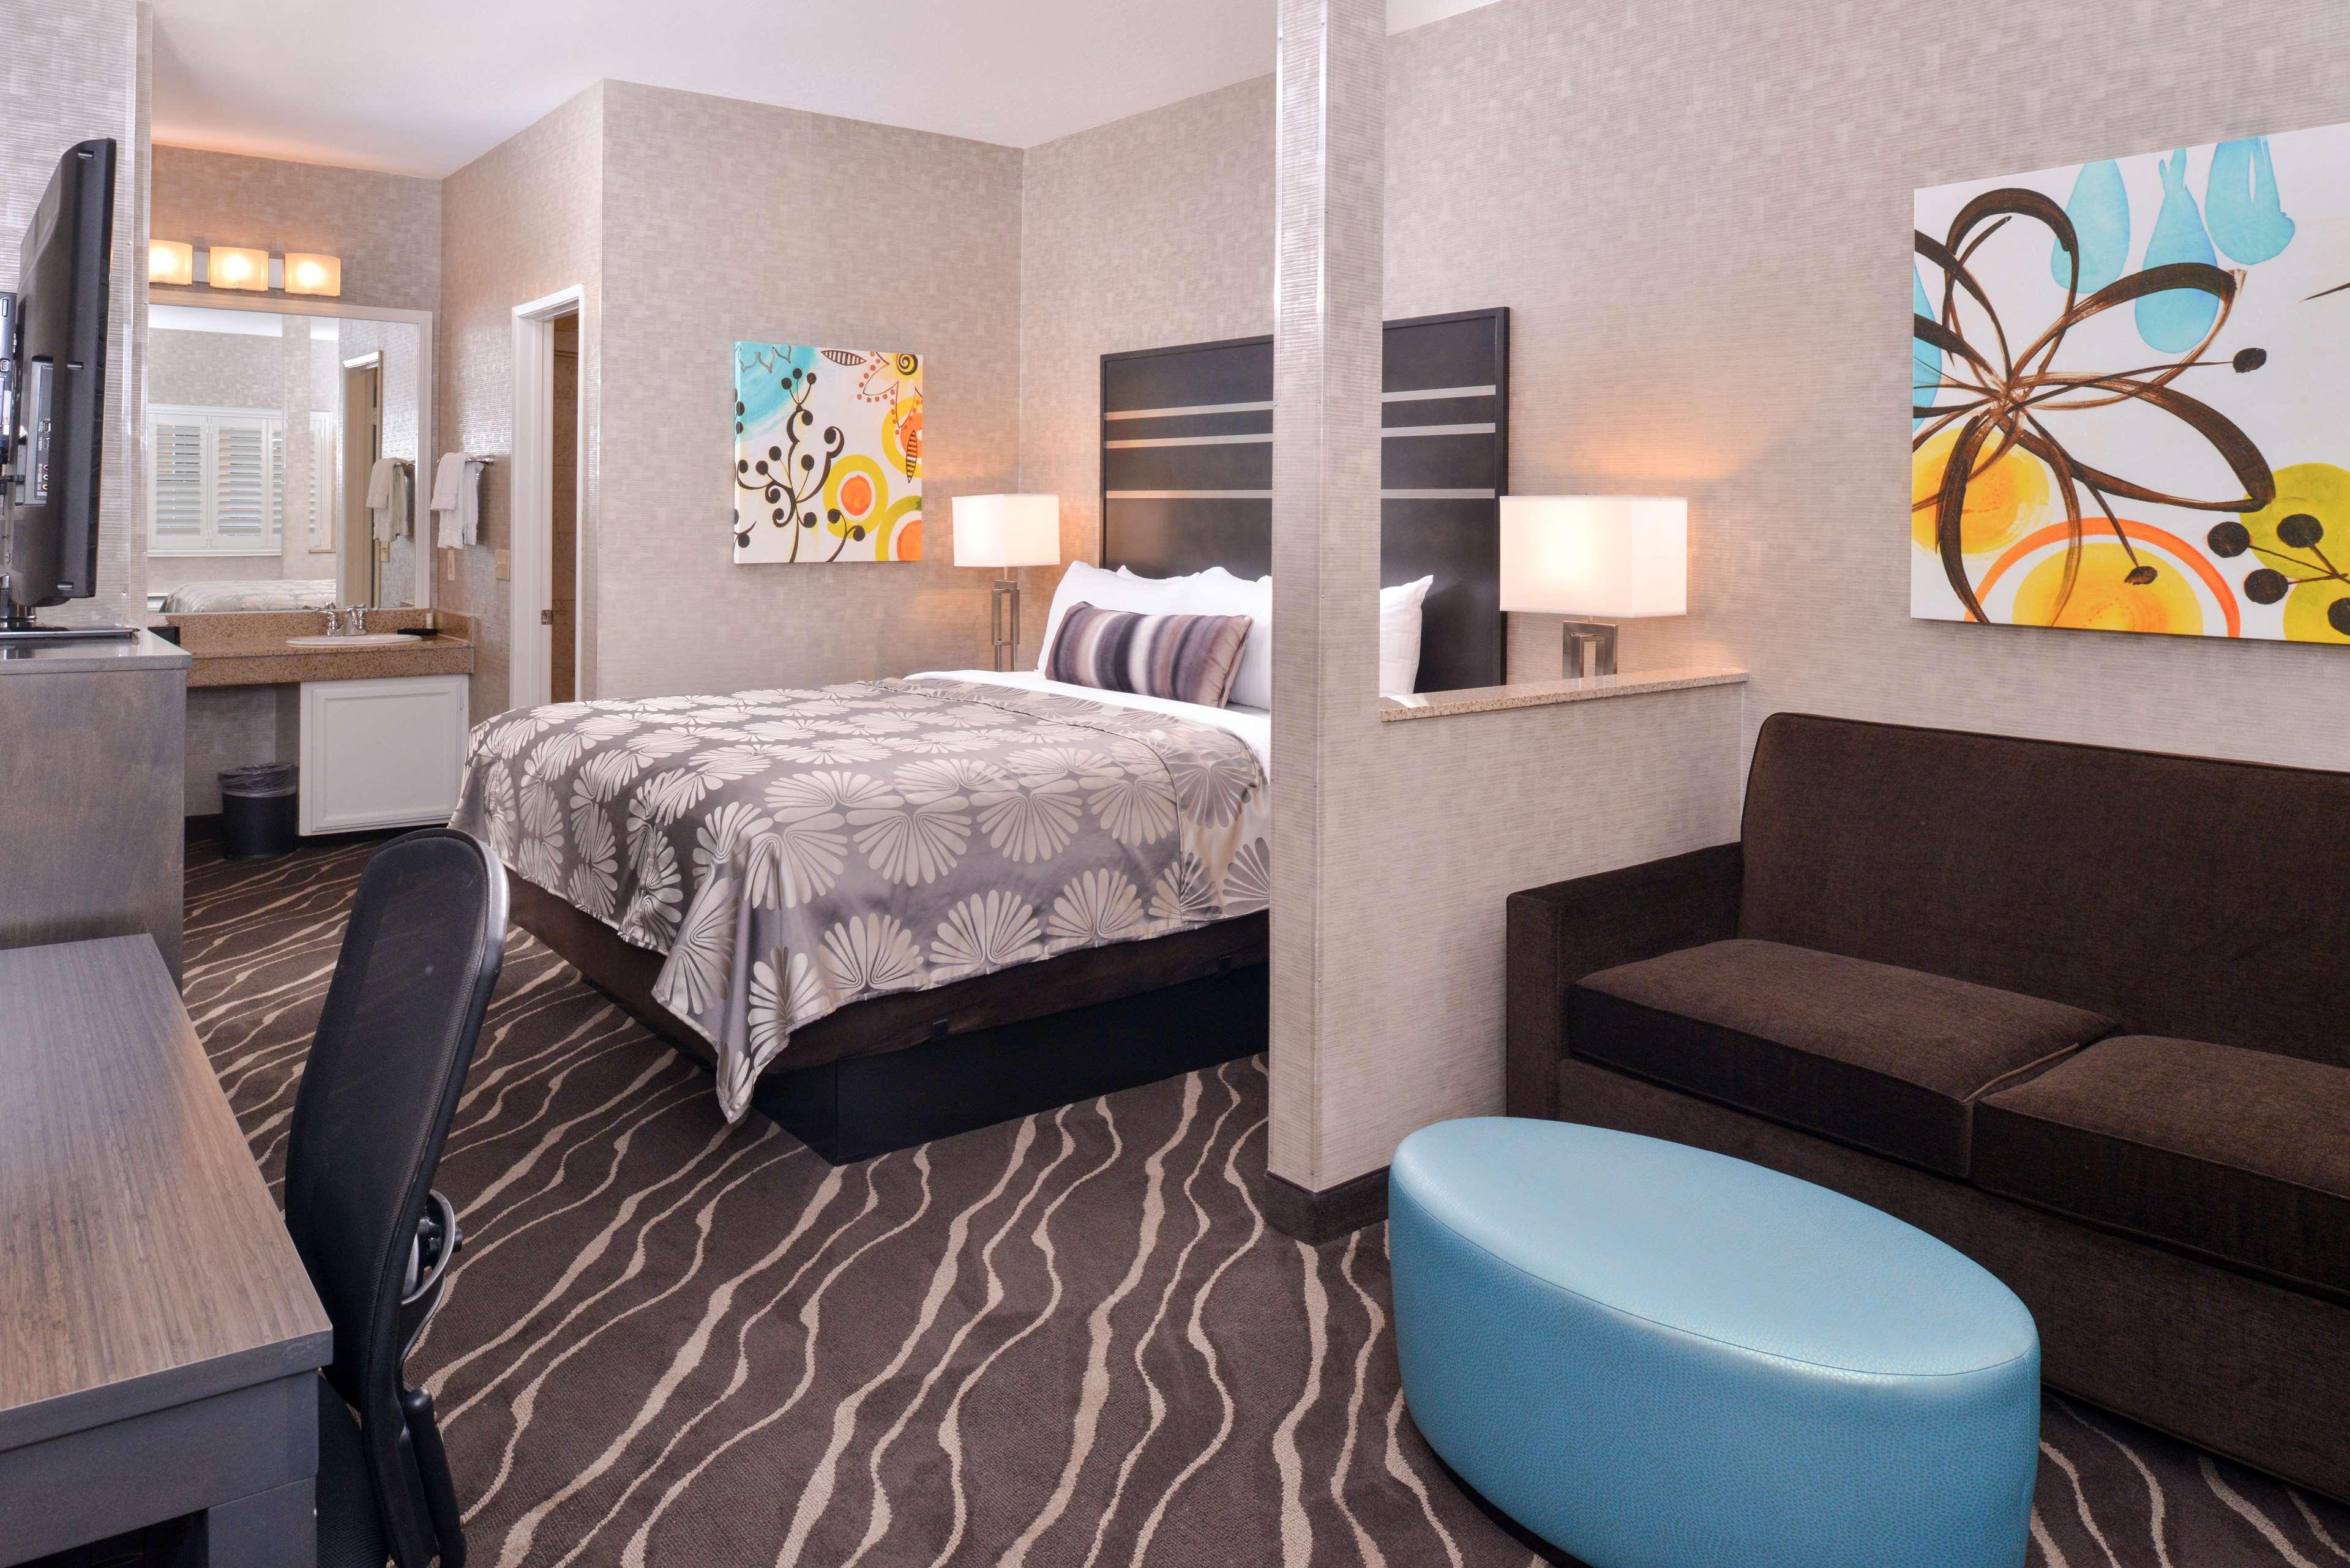 Best Western Plus Park Place Inn - Mini Suites image 19